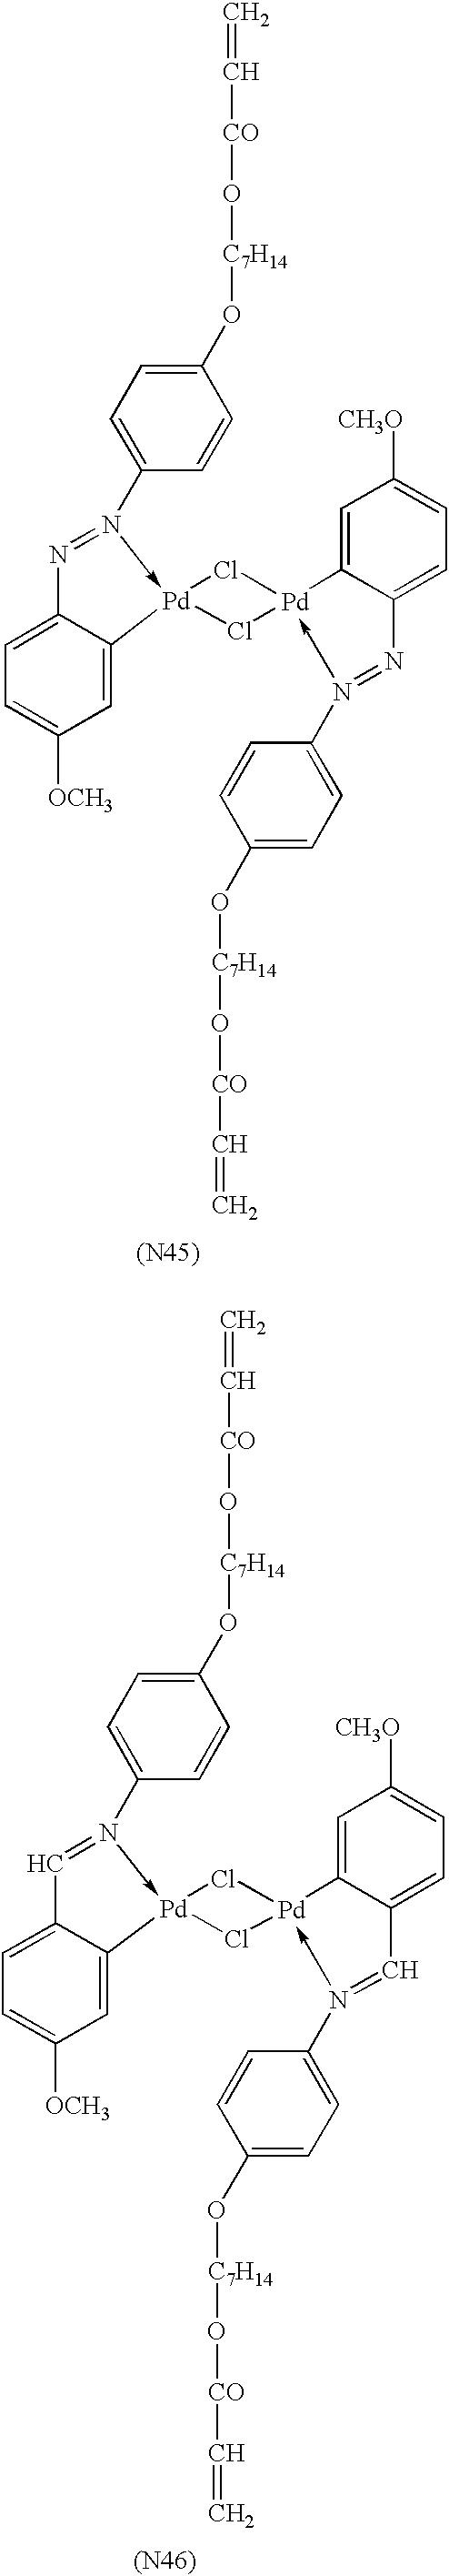 Figure US06583832-20030624-C00010